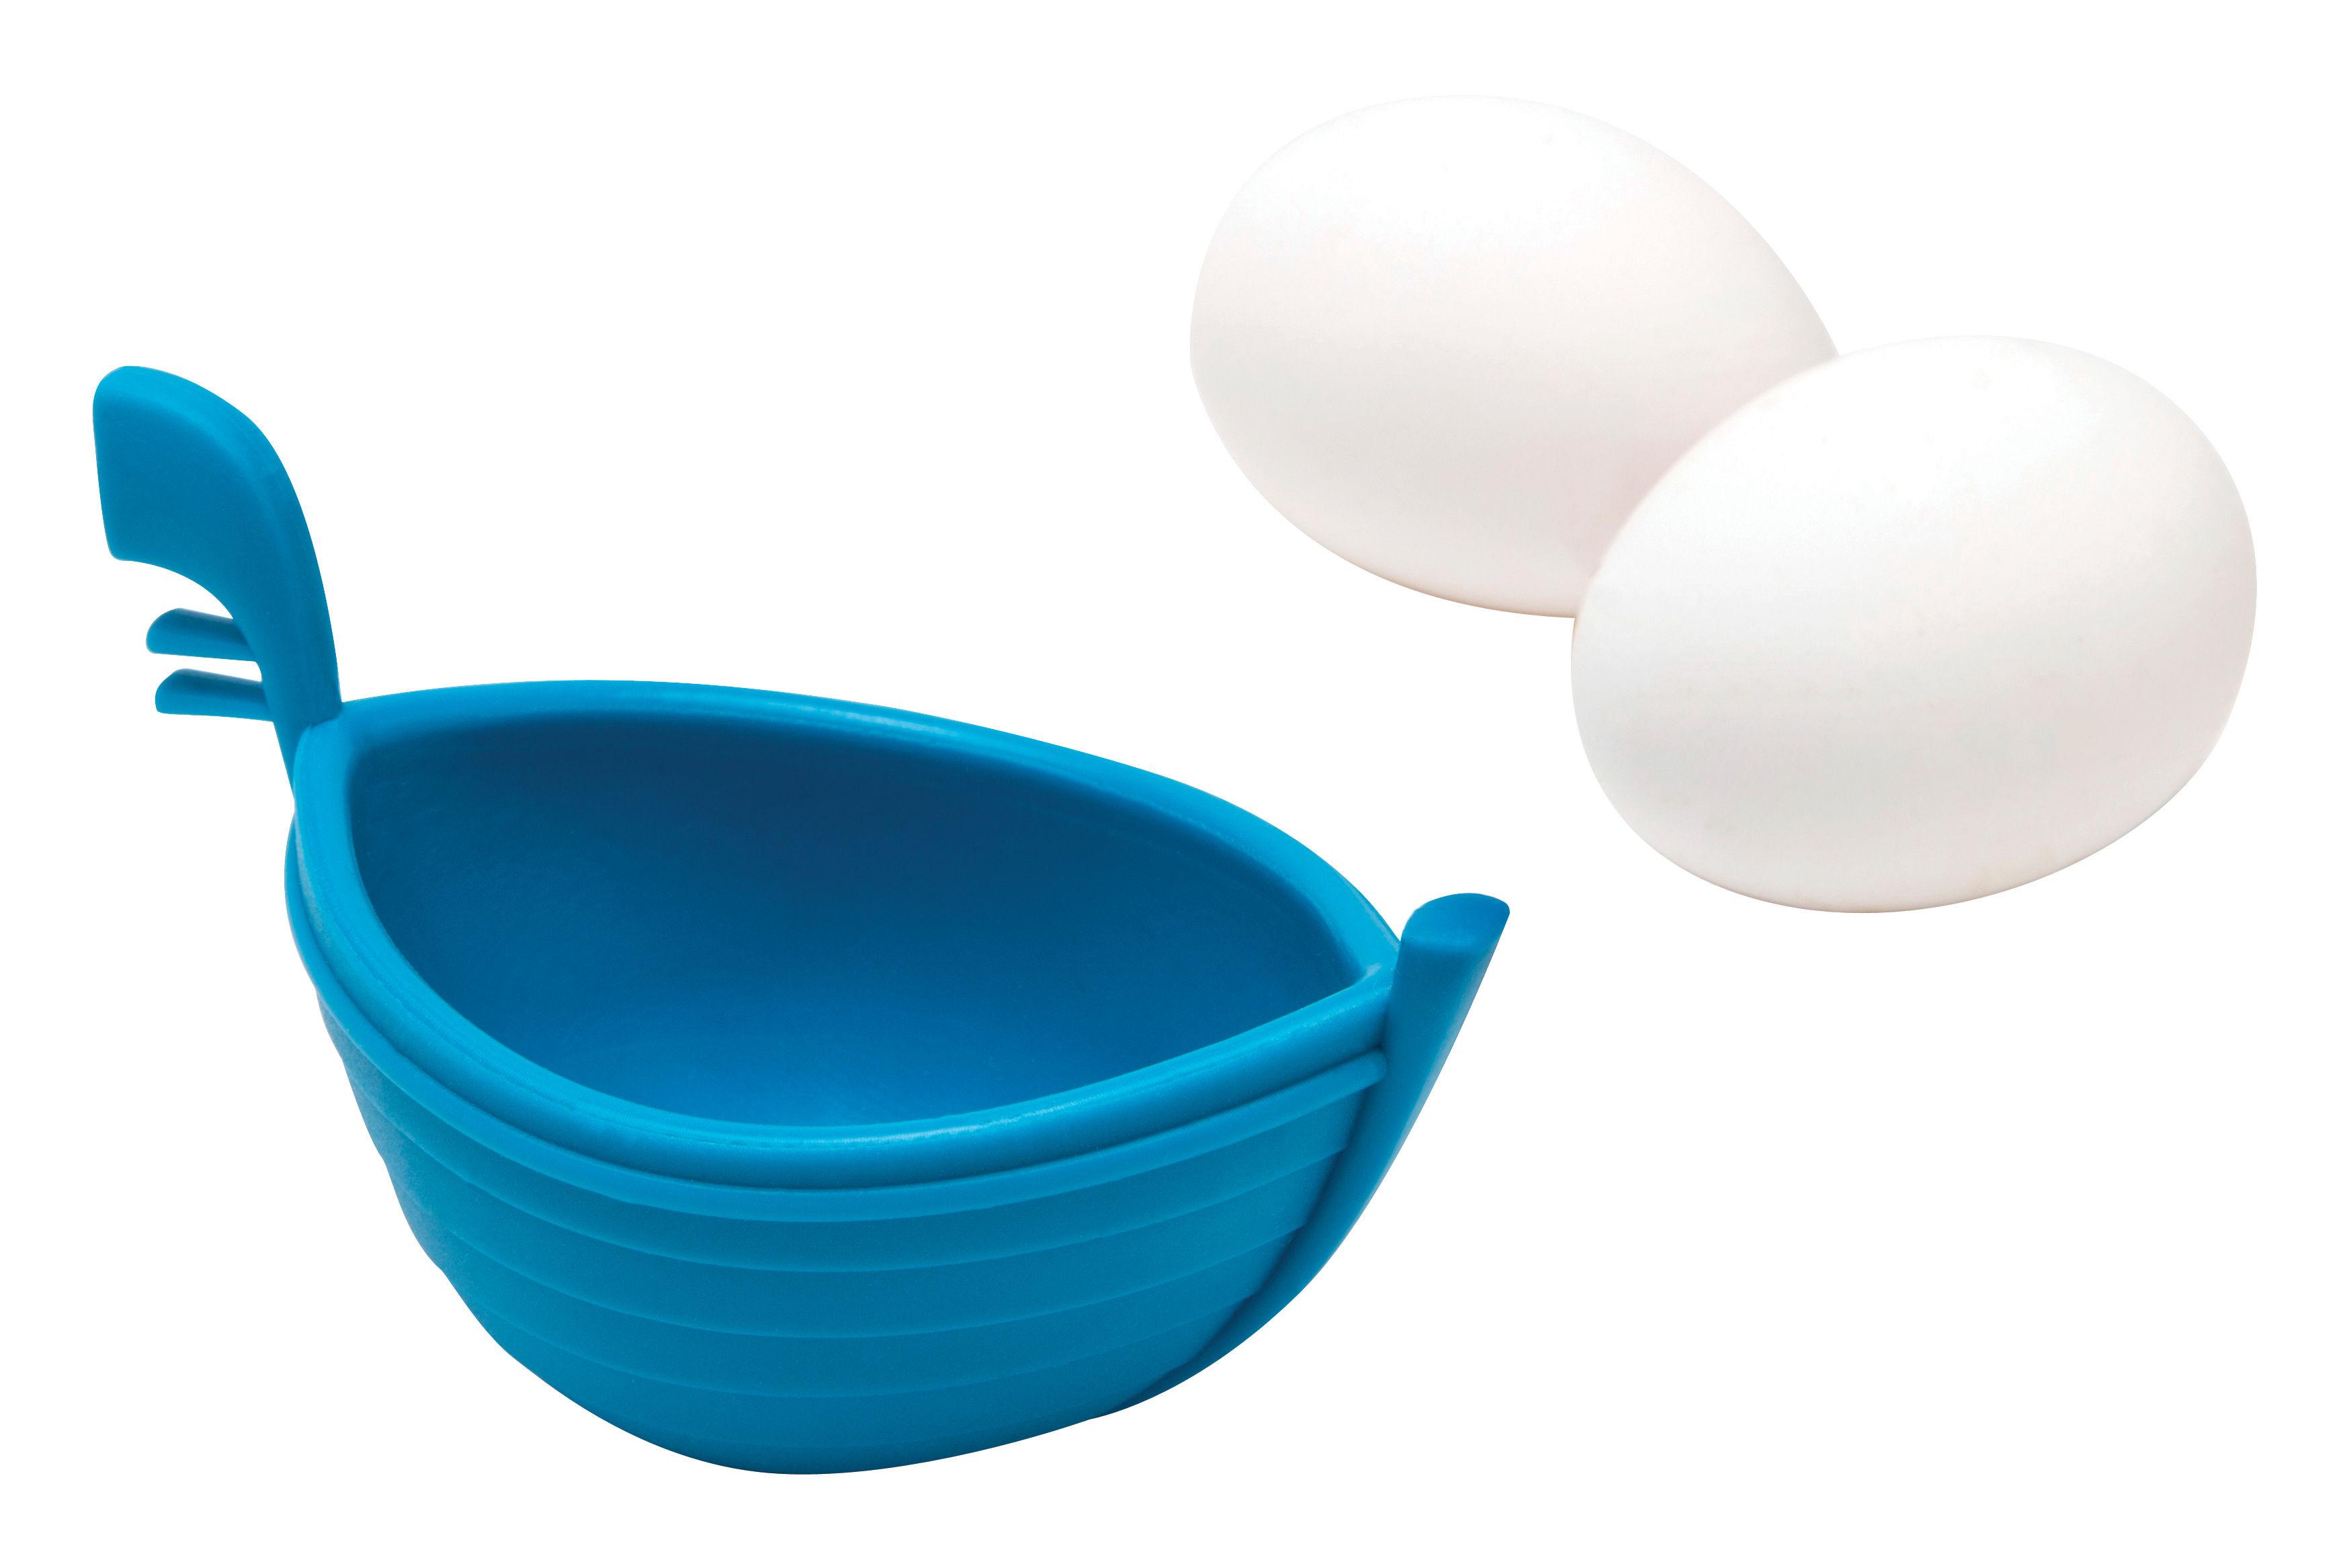 Cuisine - Ustensiles de cuisines - Cuit-oeuf Eggondola / Pour oeuf poché - Bleu - Silicone souple